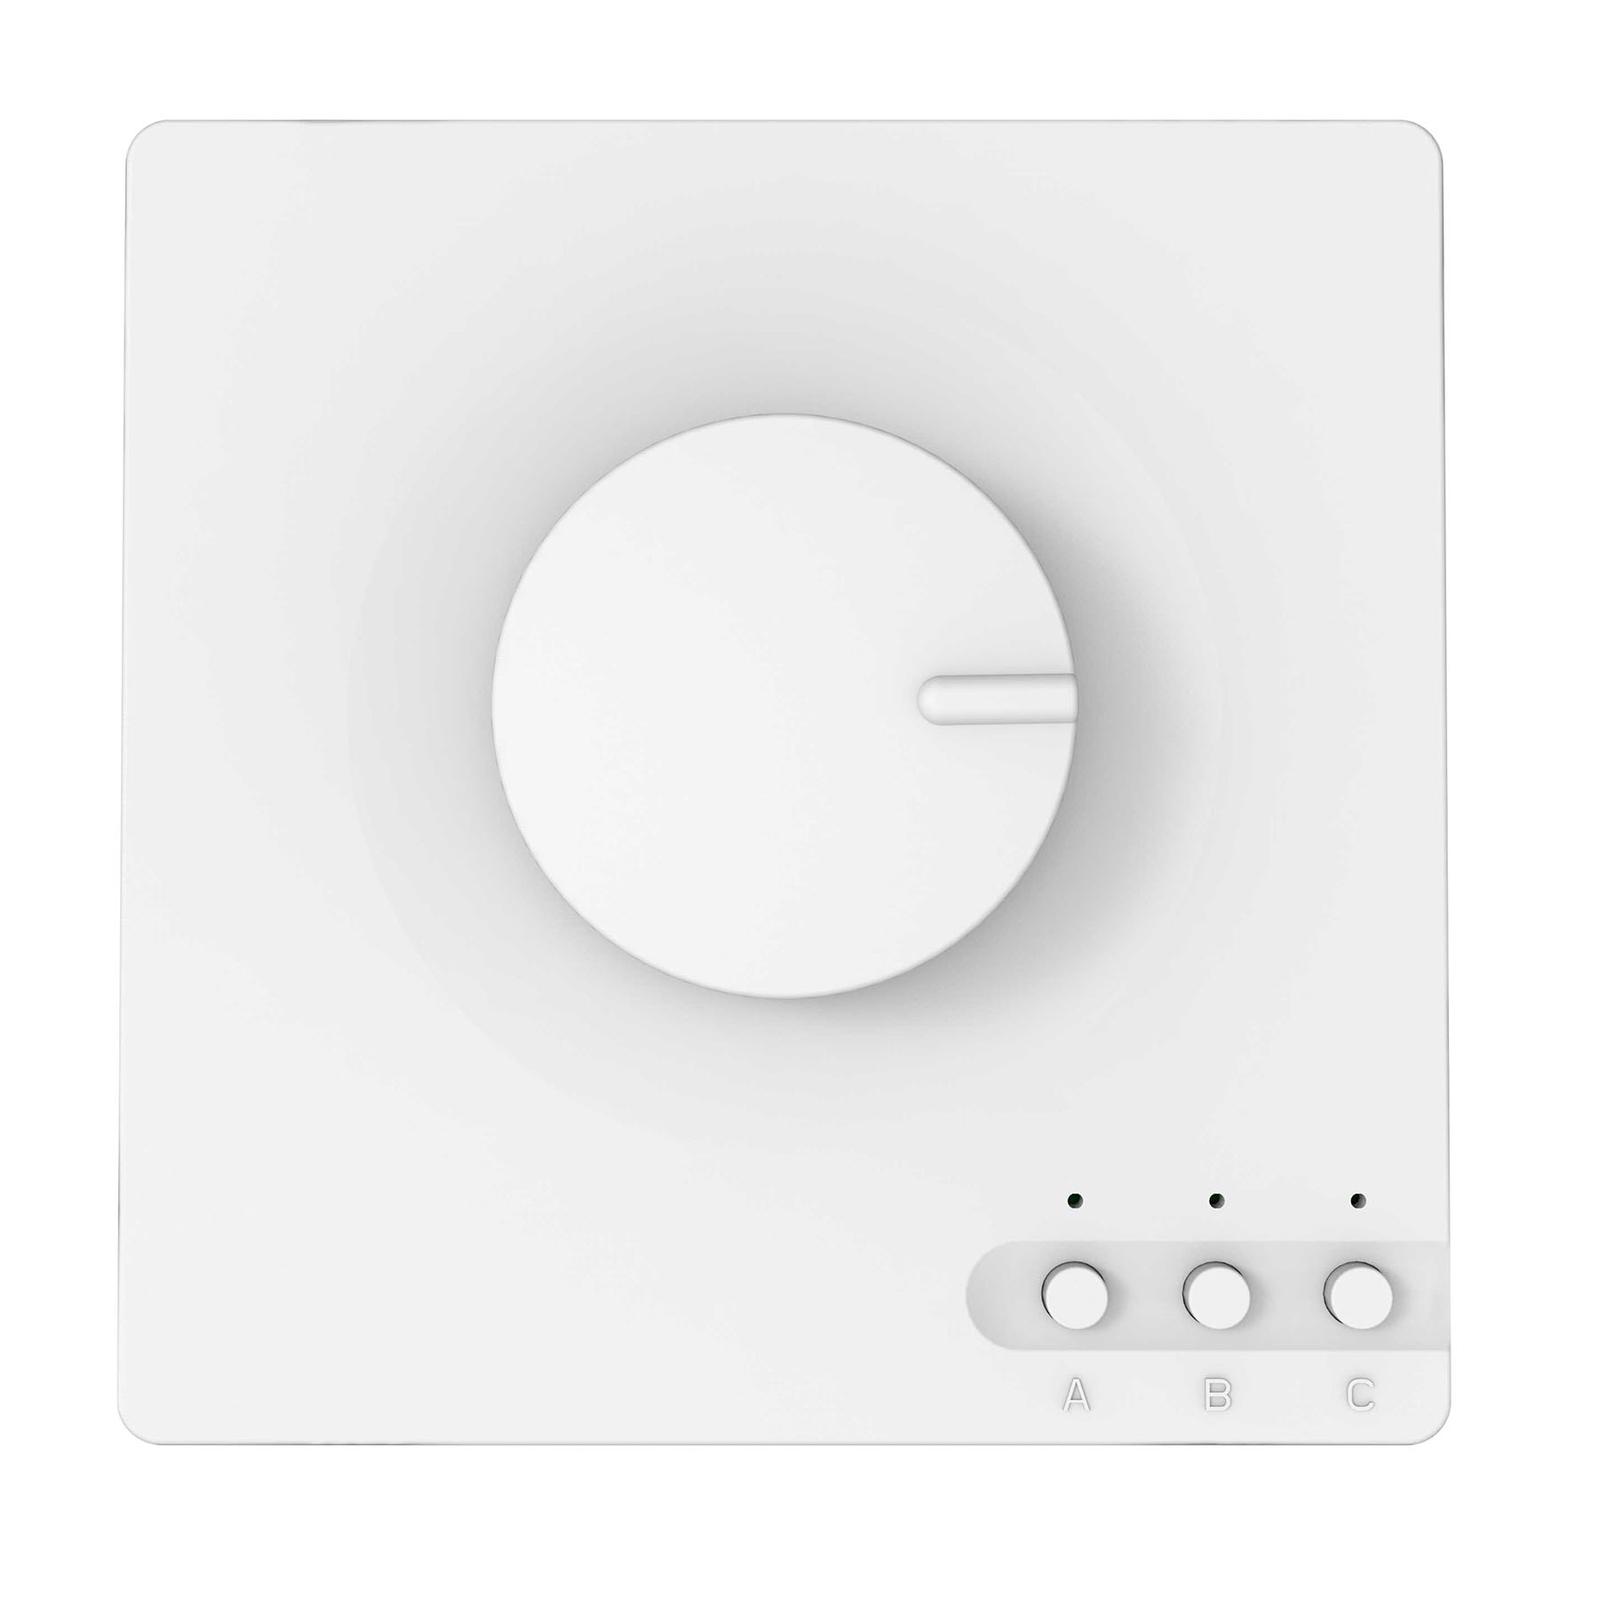 Schalter Smart Switch für Leuchten, LUTEC connect